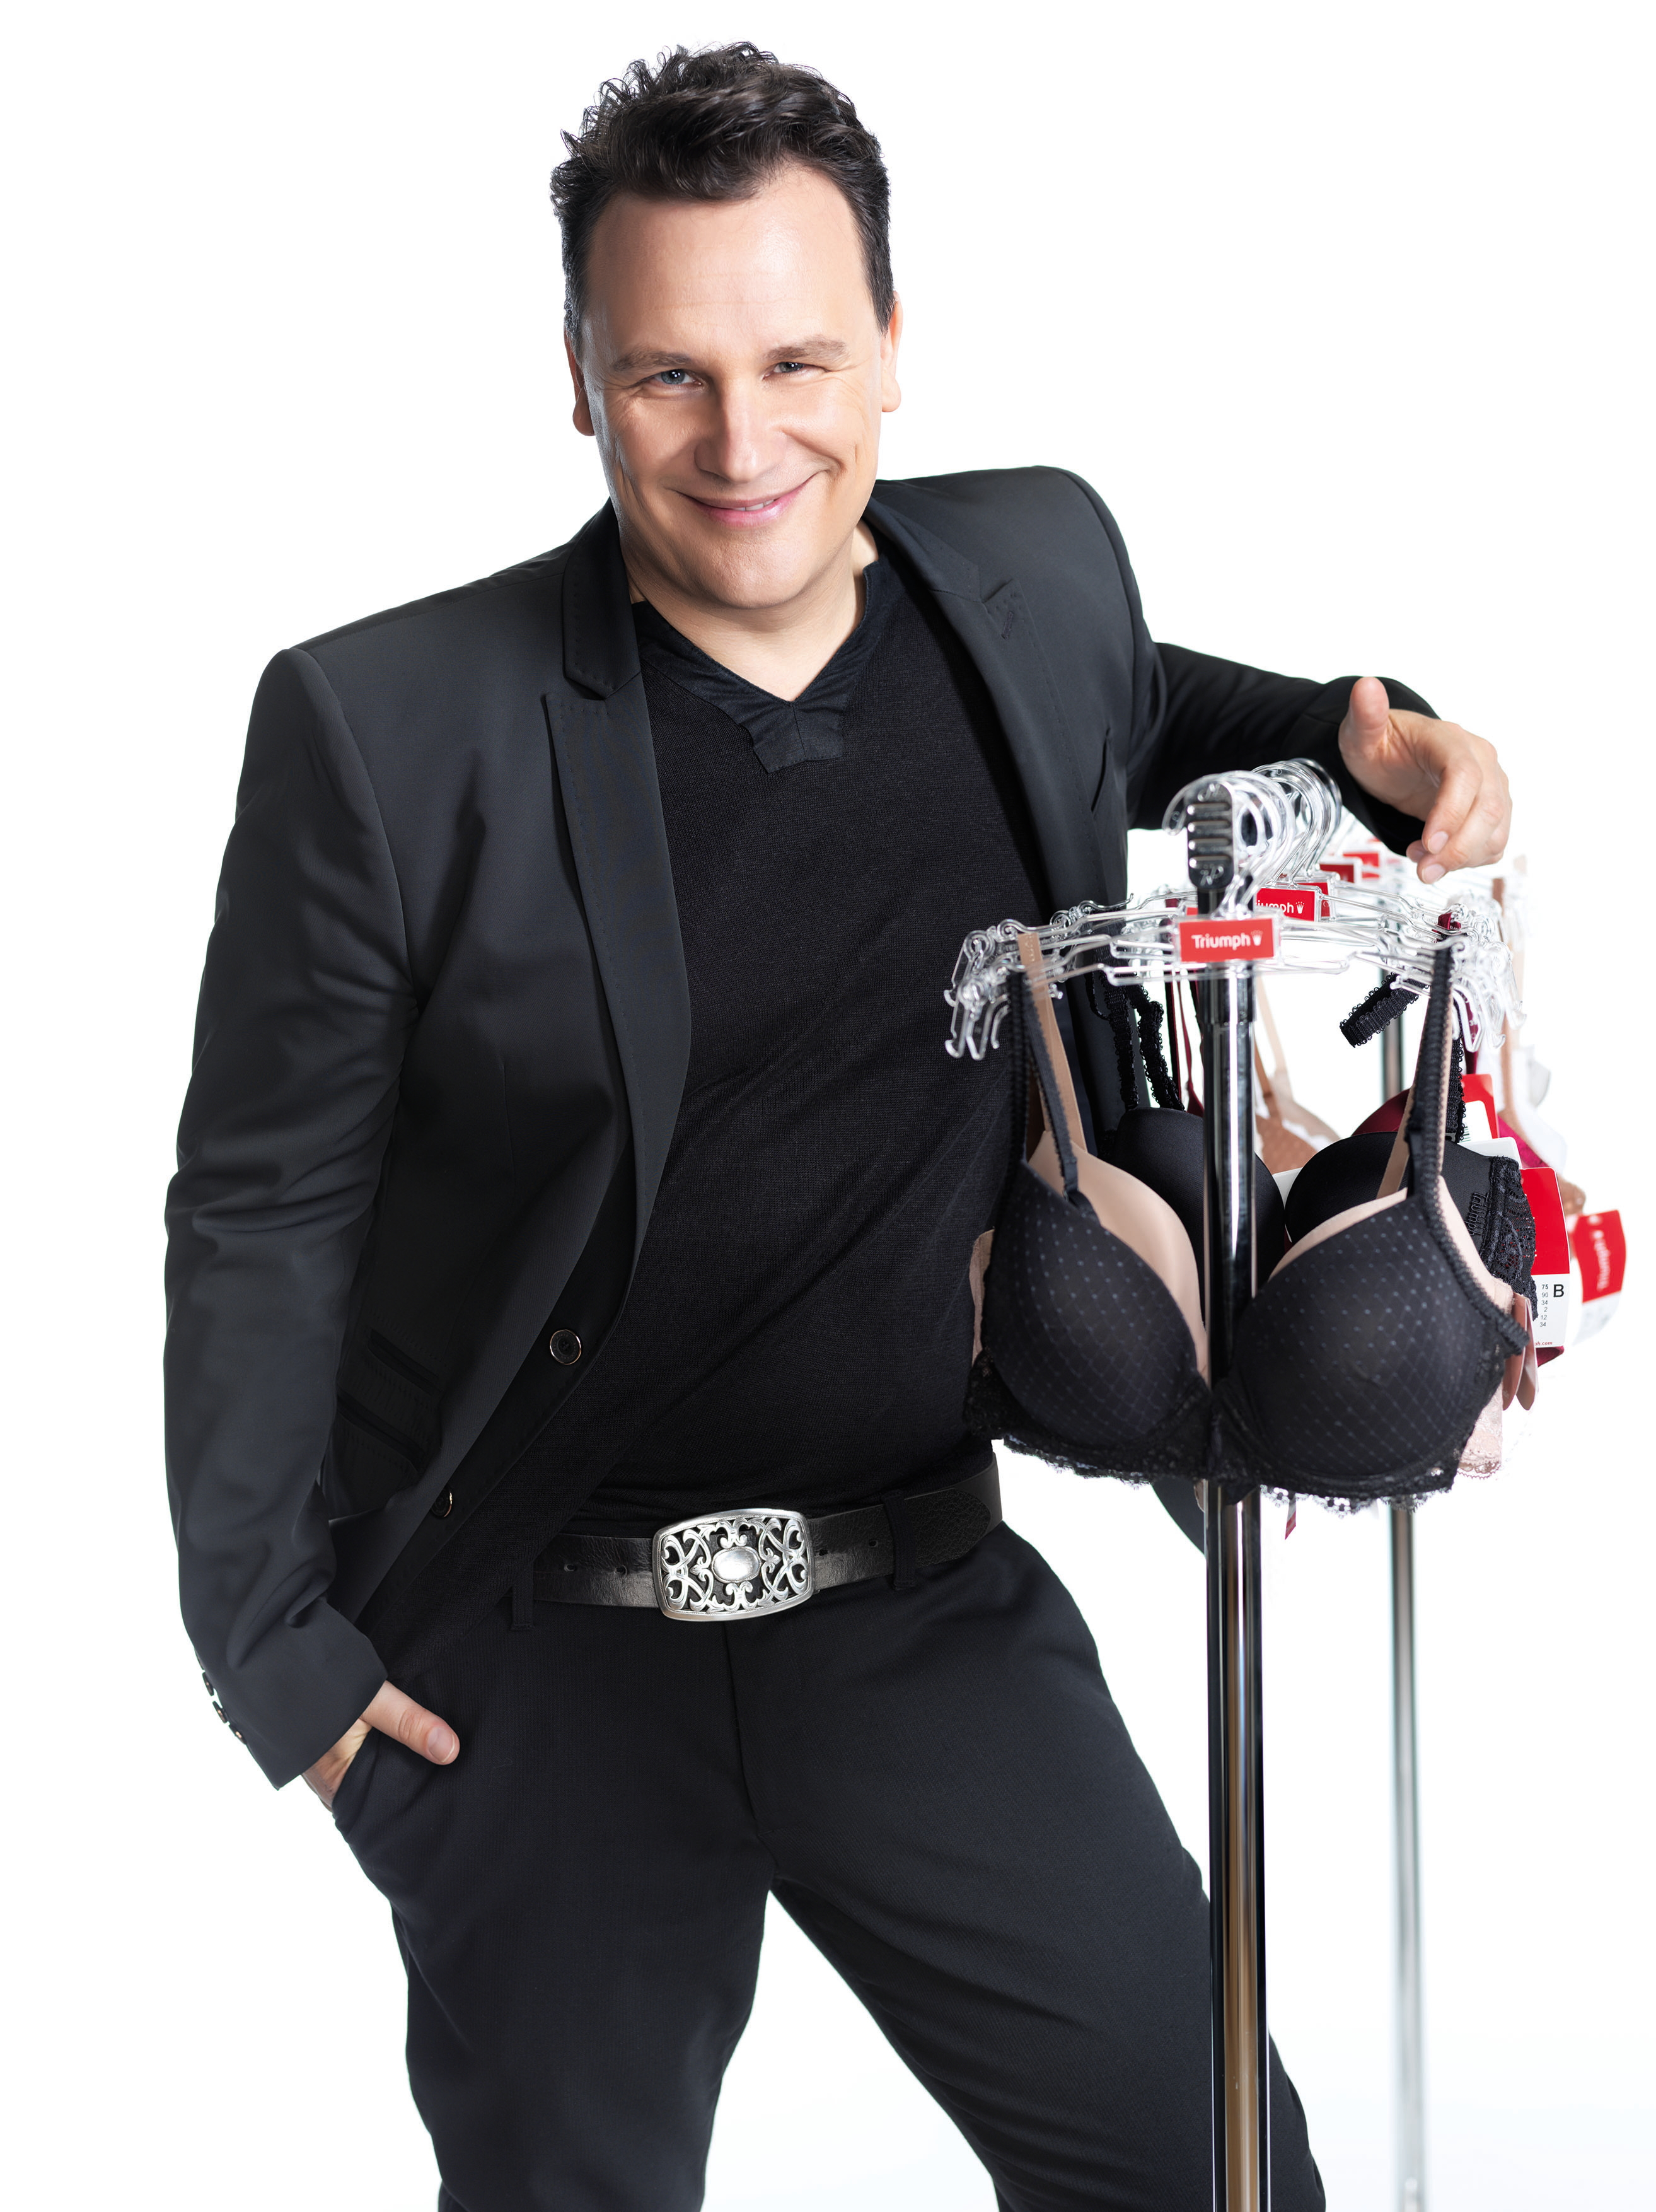 Triumph gibt neuen Markenbotschafter bekannt: Guido Maria Kretschmer